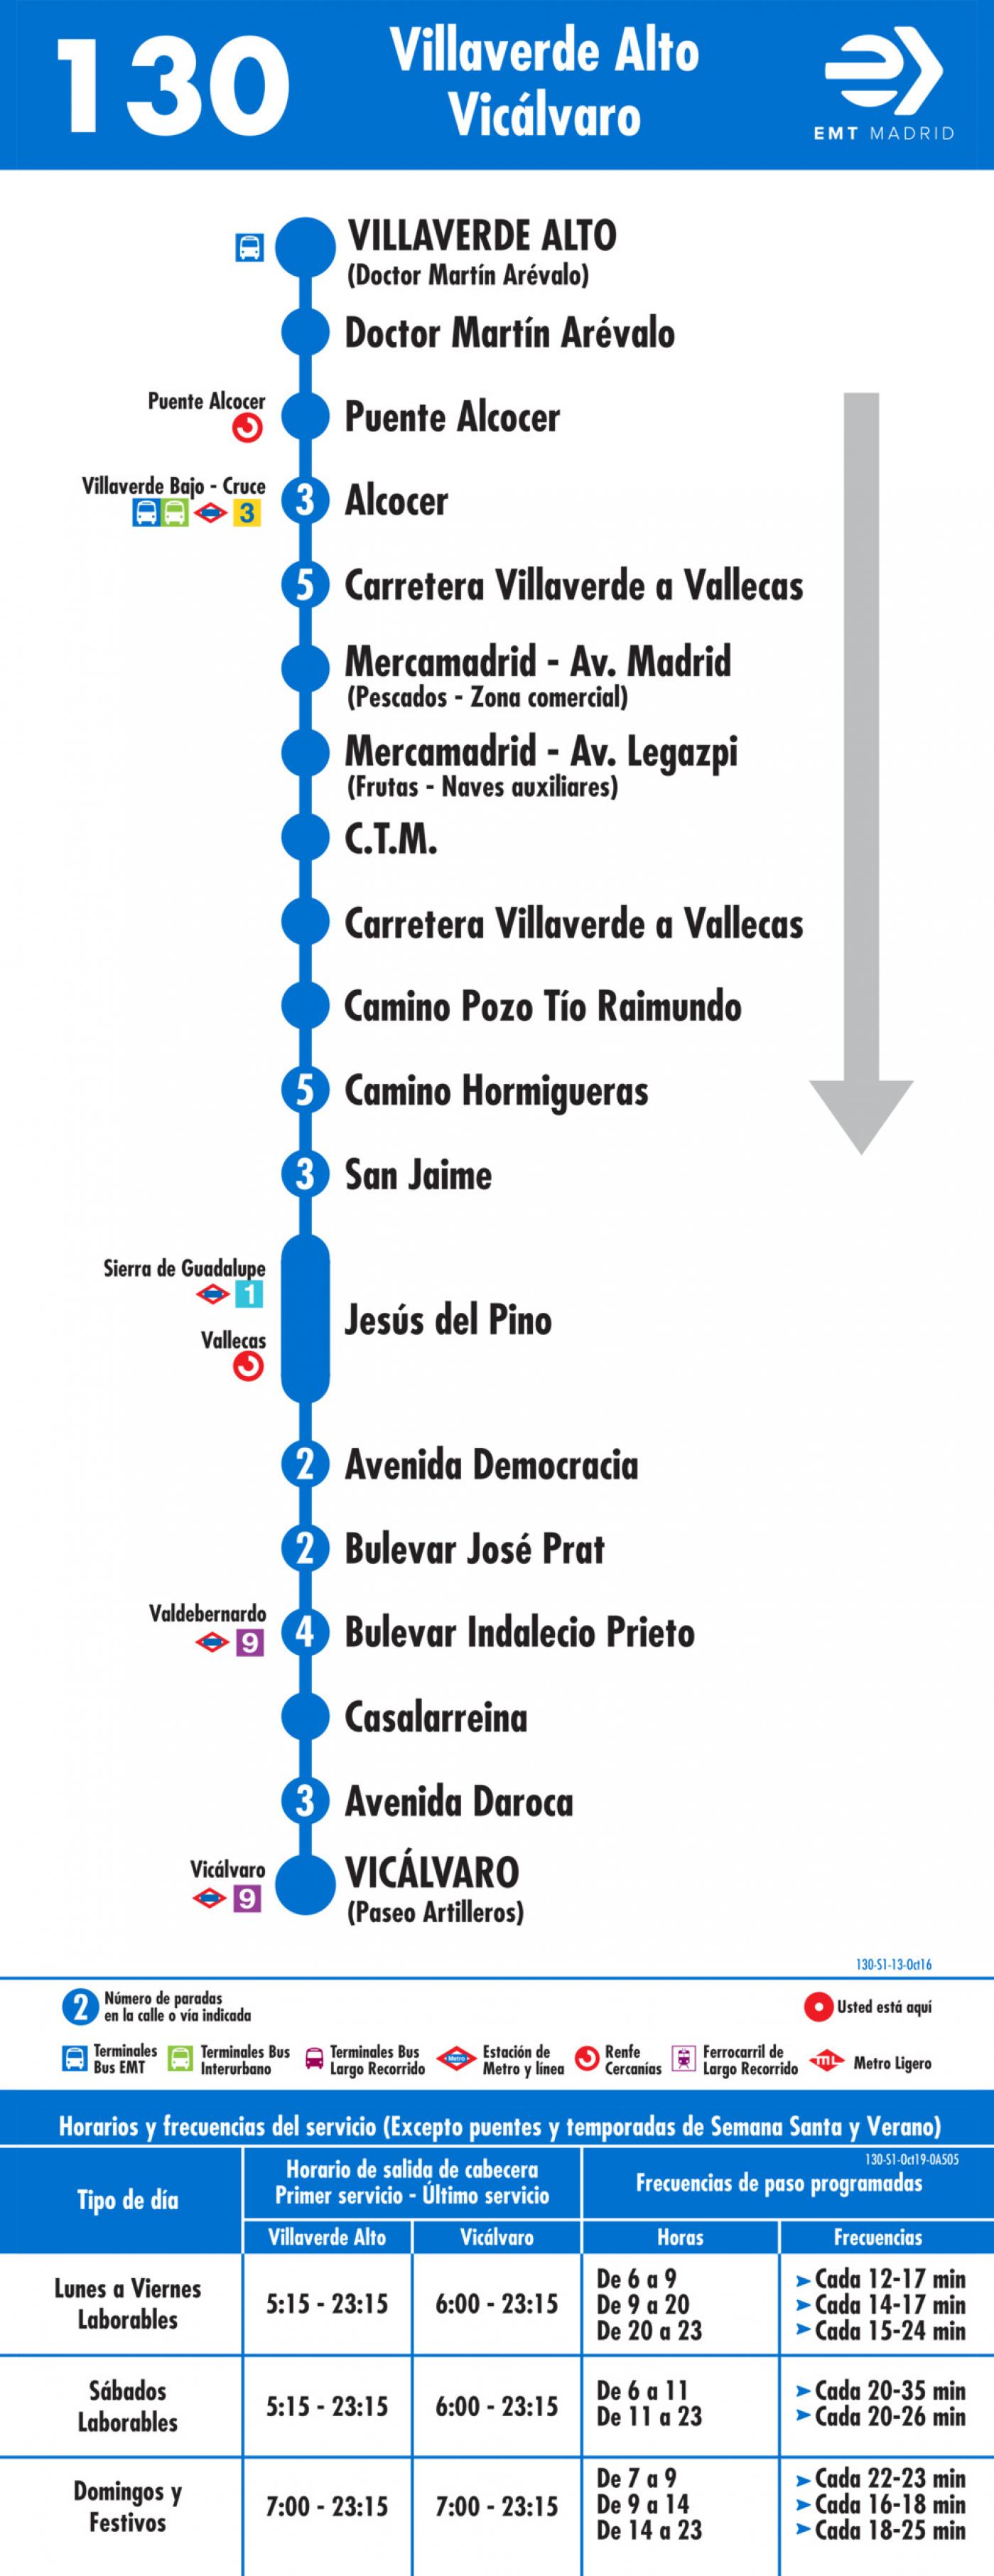 Tabla de horarios y frecuencias de paso en sentido ida Línea 130: Villaverde Alto - Vicálvaro